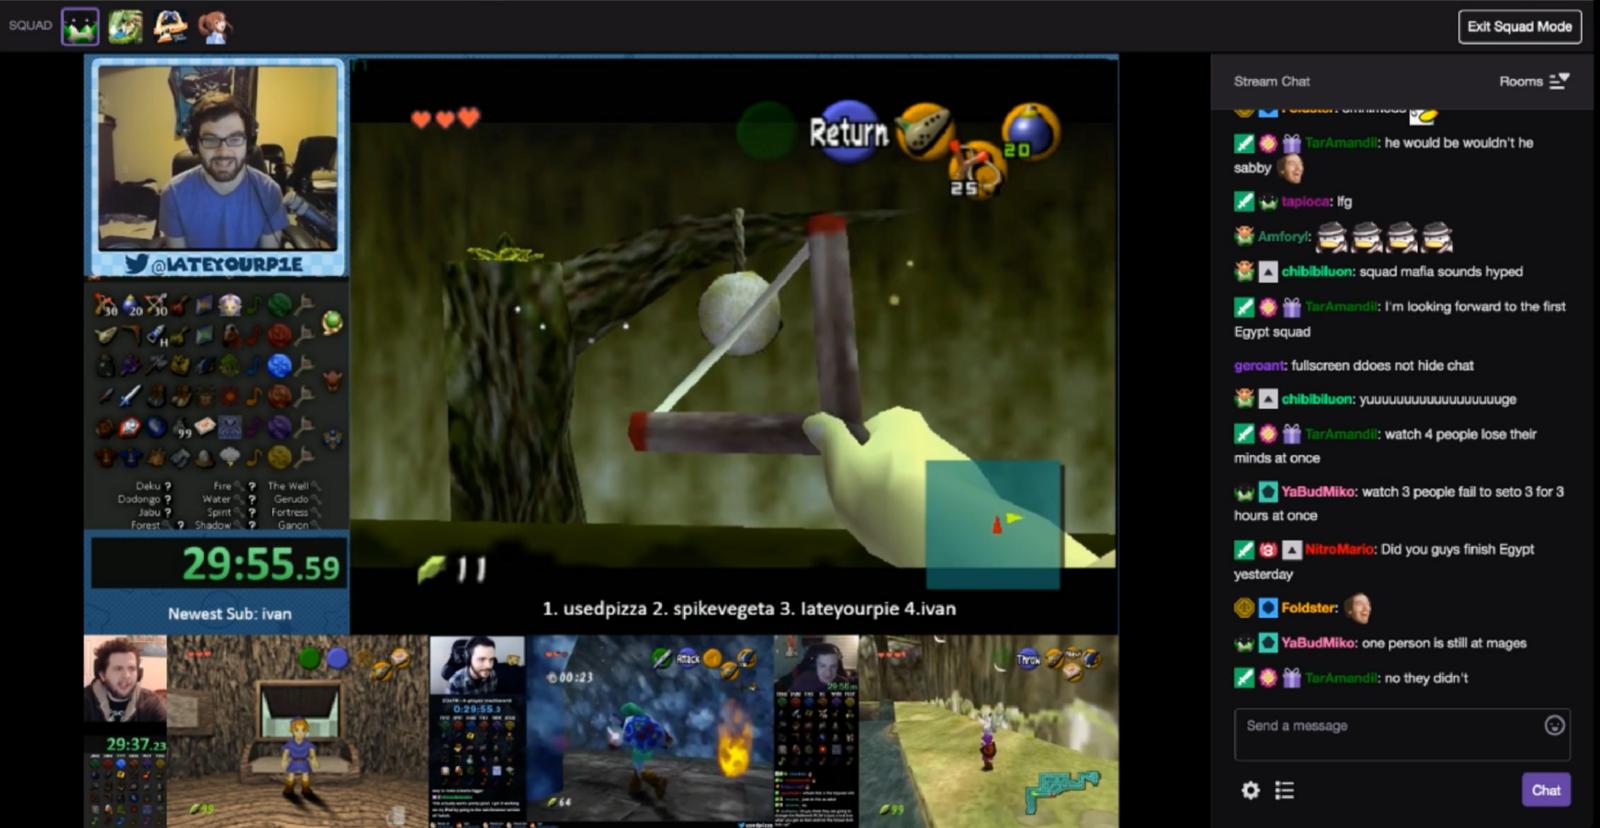 تويتش تعلن عن ميزة لبث الألعاب من عدة مستخدمين على نفس الشاشة! | Tech Gigz - تيك كيكز